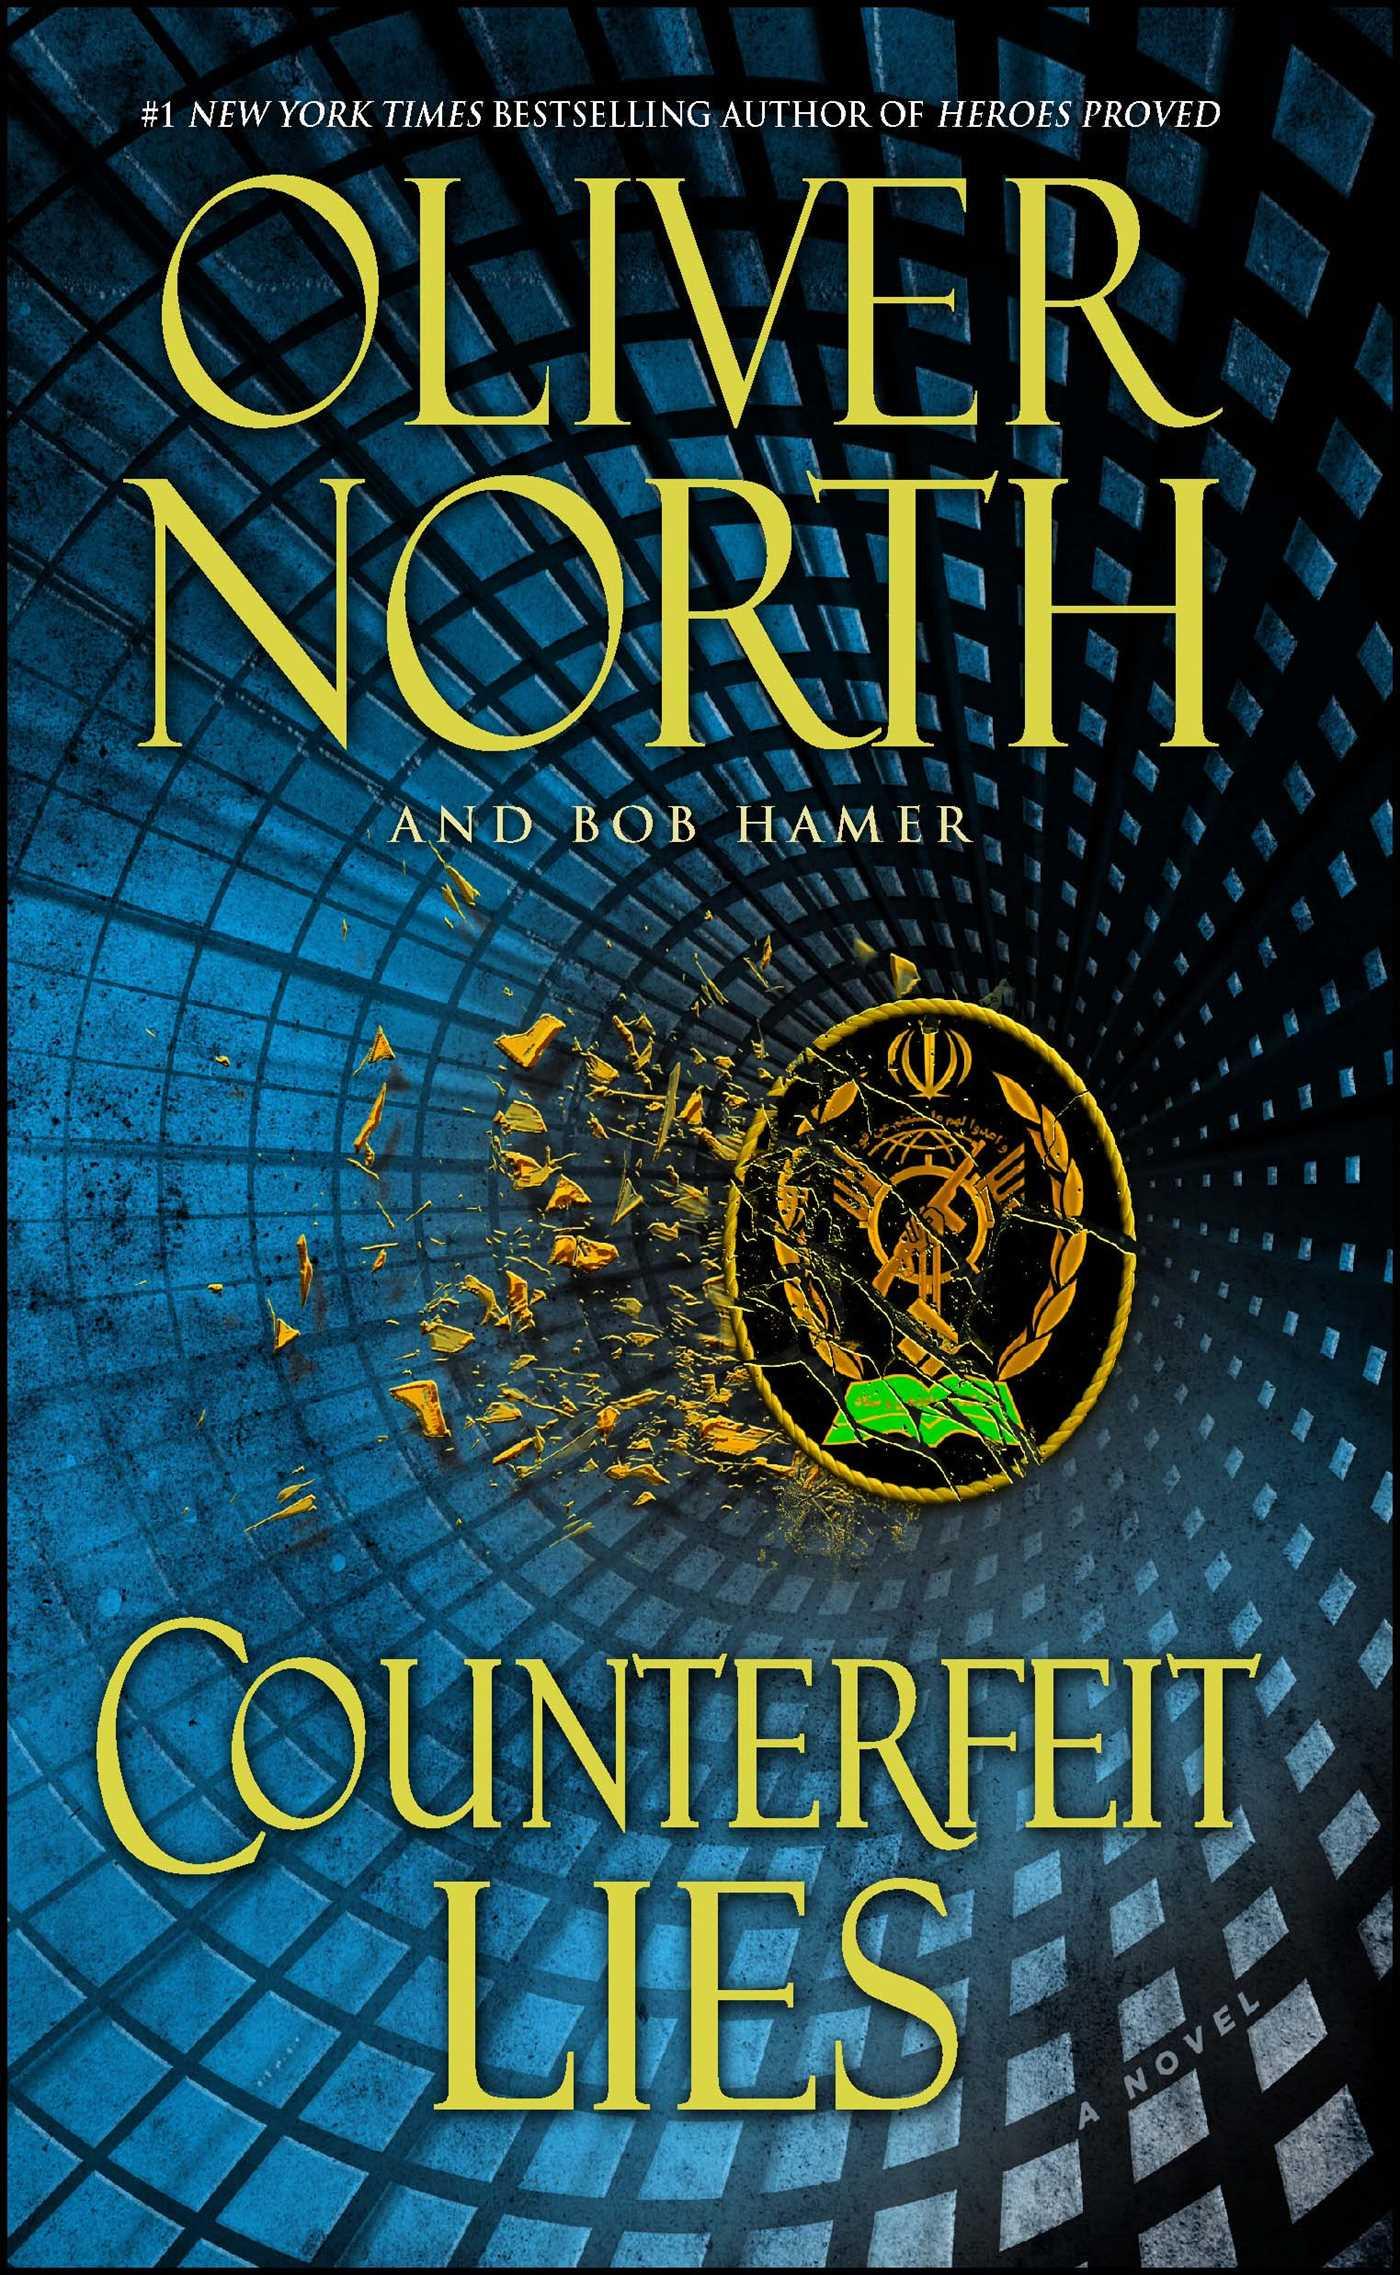 Counterfeit lies 9781982107550 hr